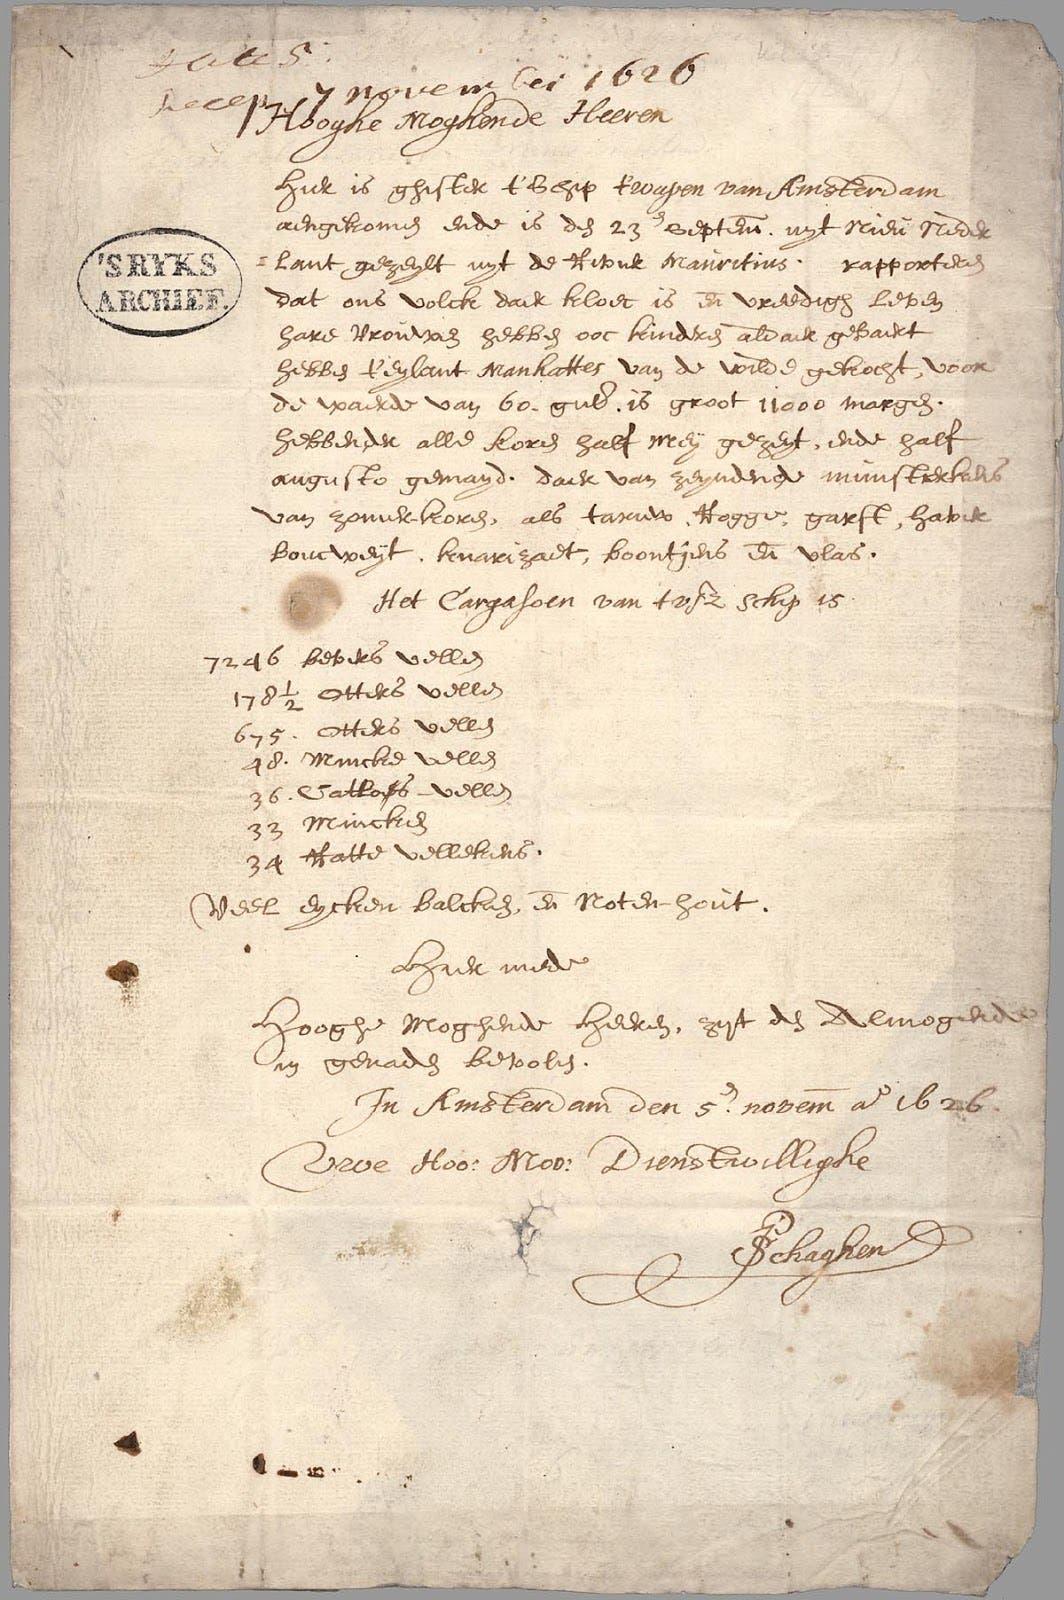 صورة لنسخة من رسالة بيتر شاغن للحكومة الهولندية حول صفقة شراء مانهاتن